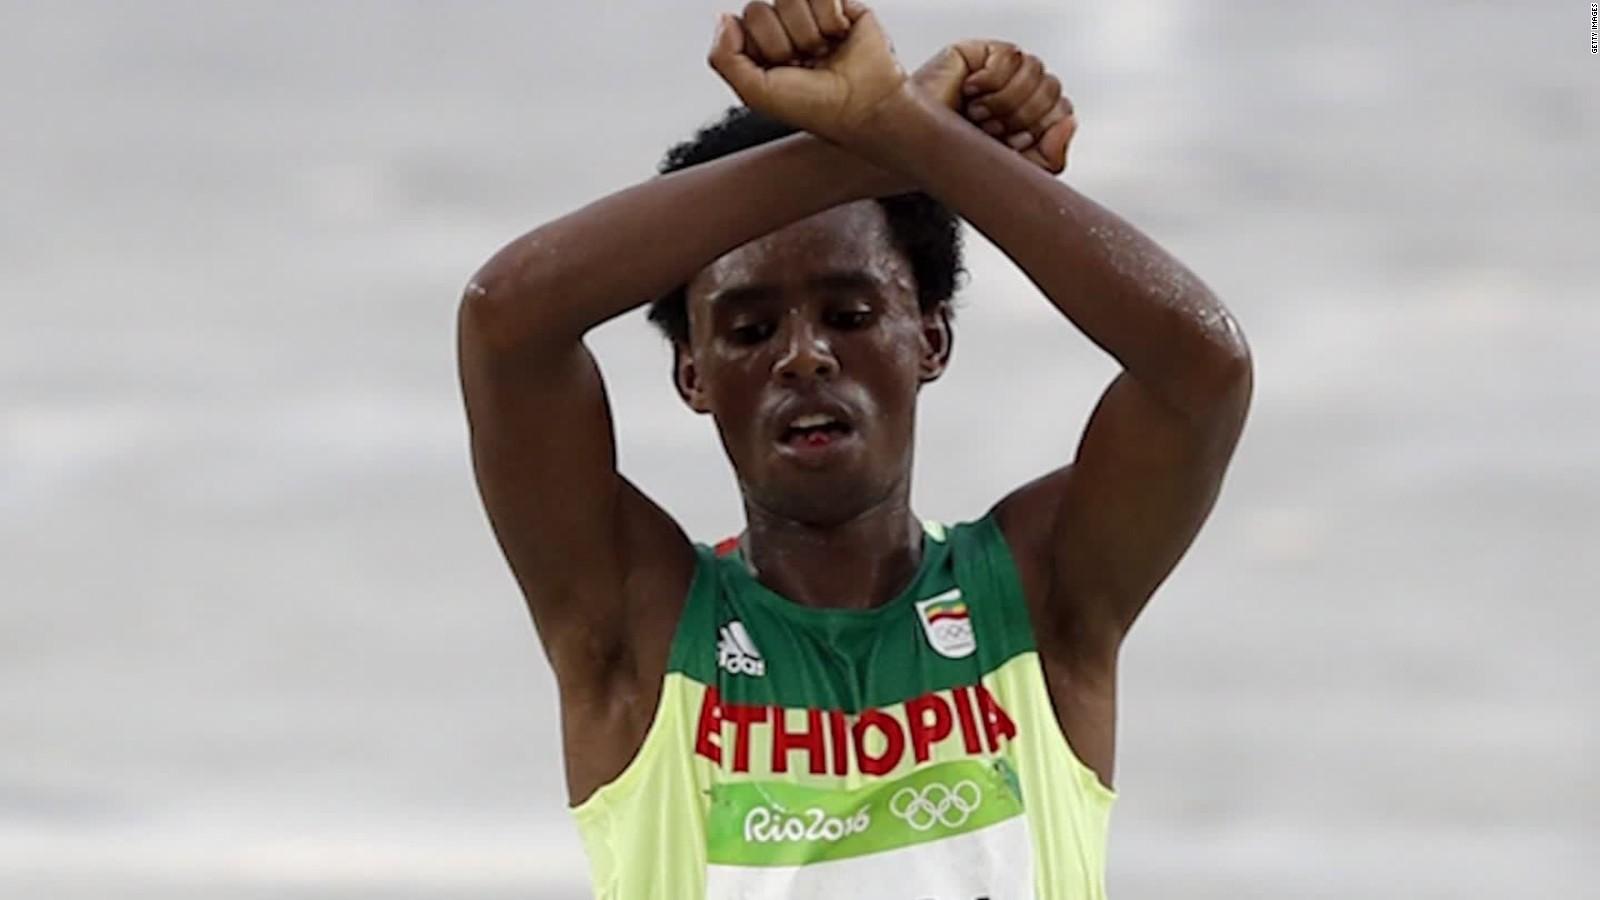 Le marathonien éthiopien Feyisa Lilesa est de retour d'exil